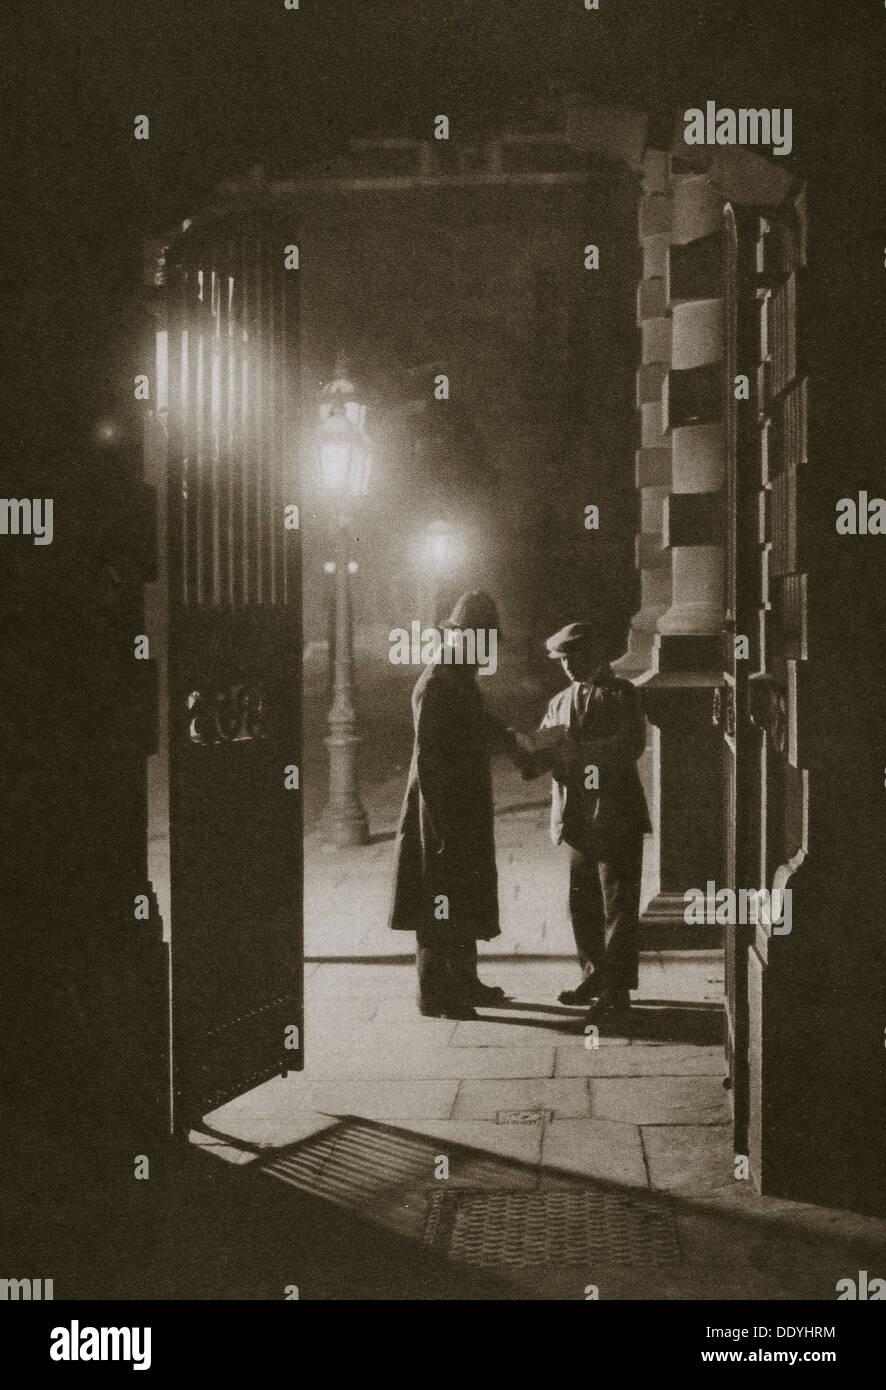 Scotland Yard dans les premières heures du matin, l'Embankment, Londres, 20e siècle. Artiste: Inconnu Banque D'Images